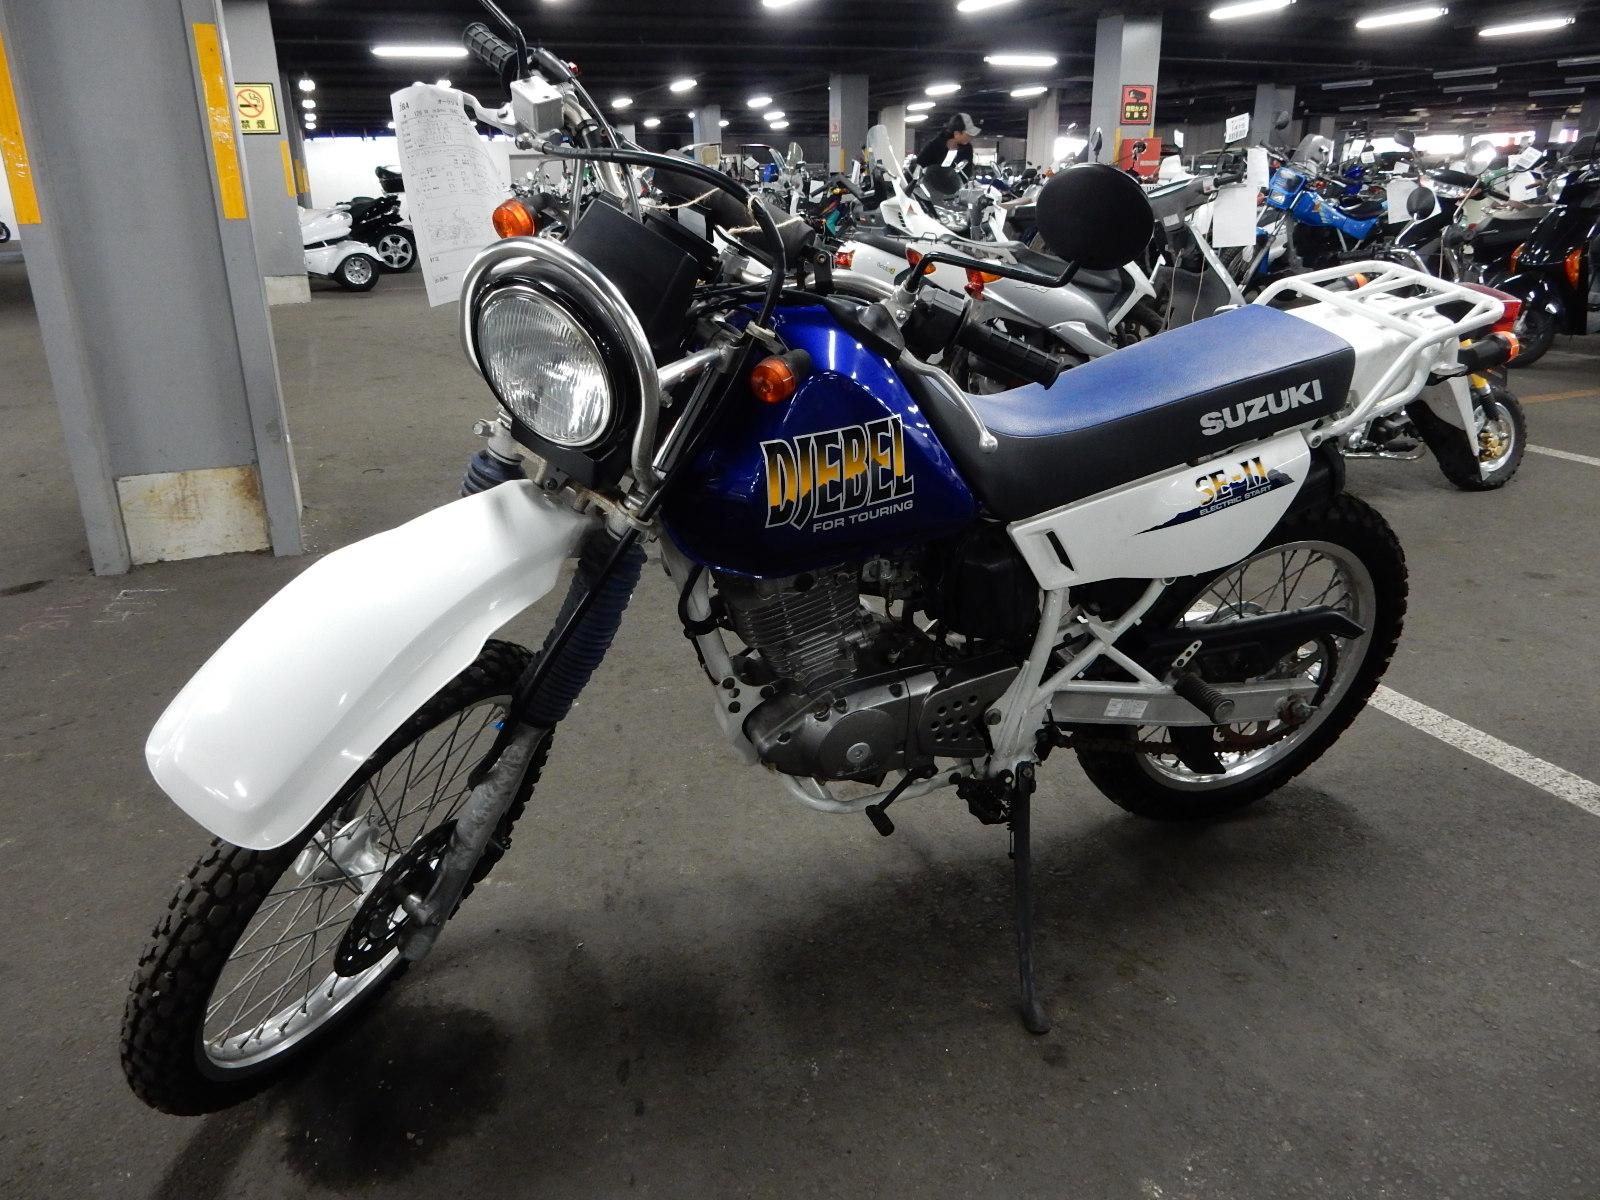 Тест-драйв мотоцикла Suzuki Djebel 250